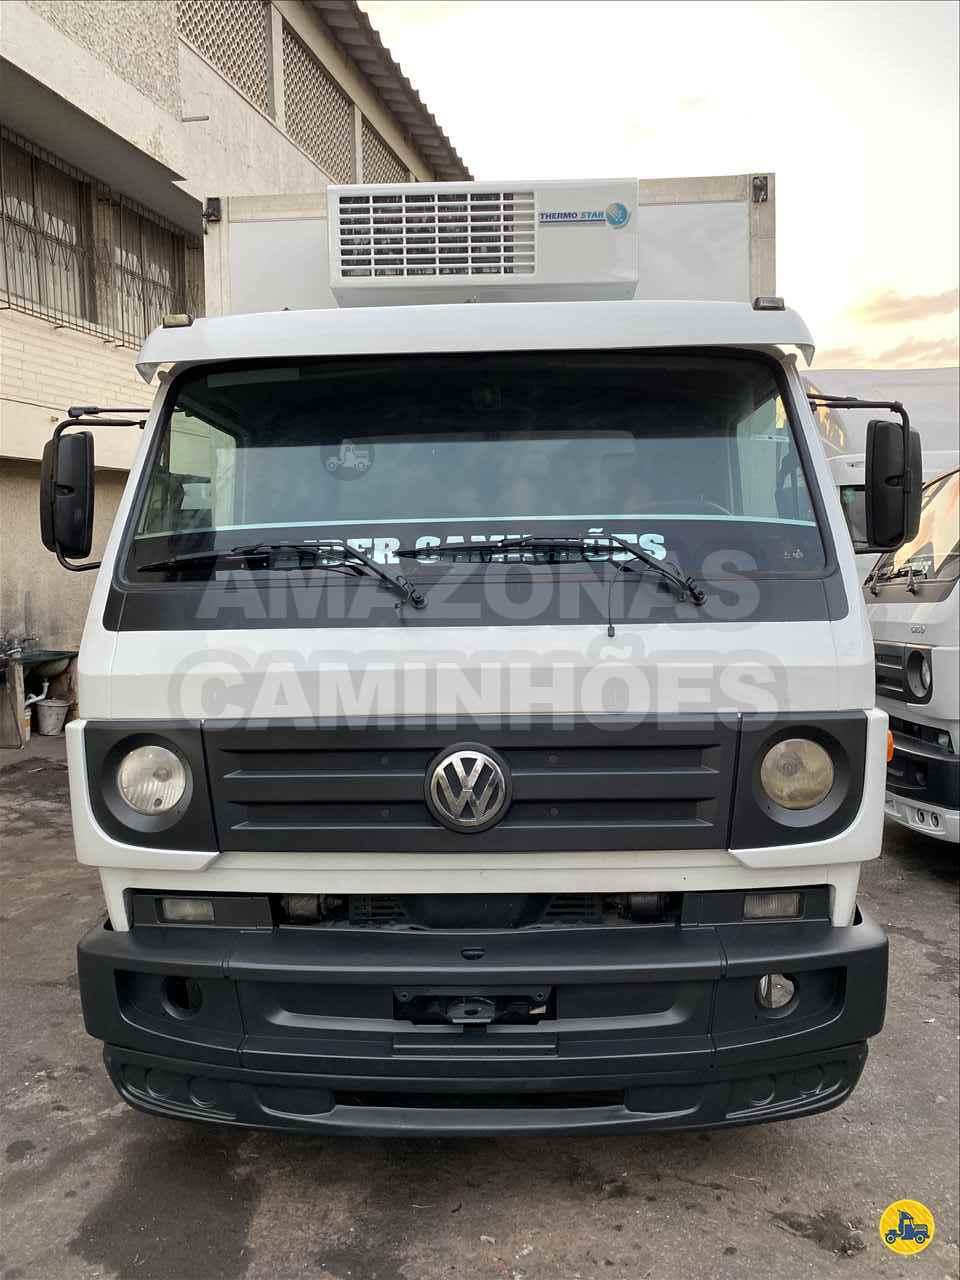 VW 9160 de Amazonas Caminhões - BELO HORIZONTE/MG